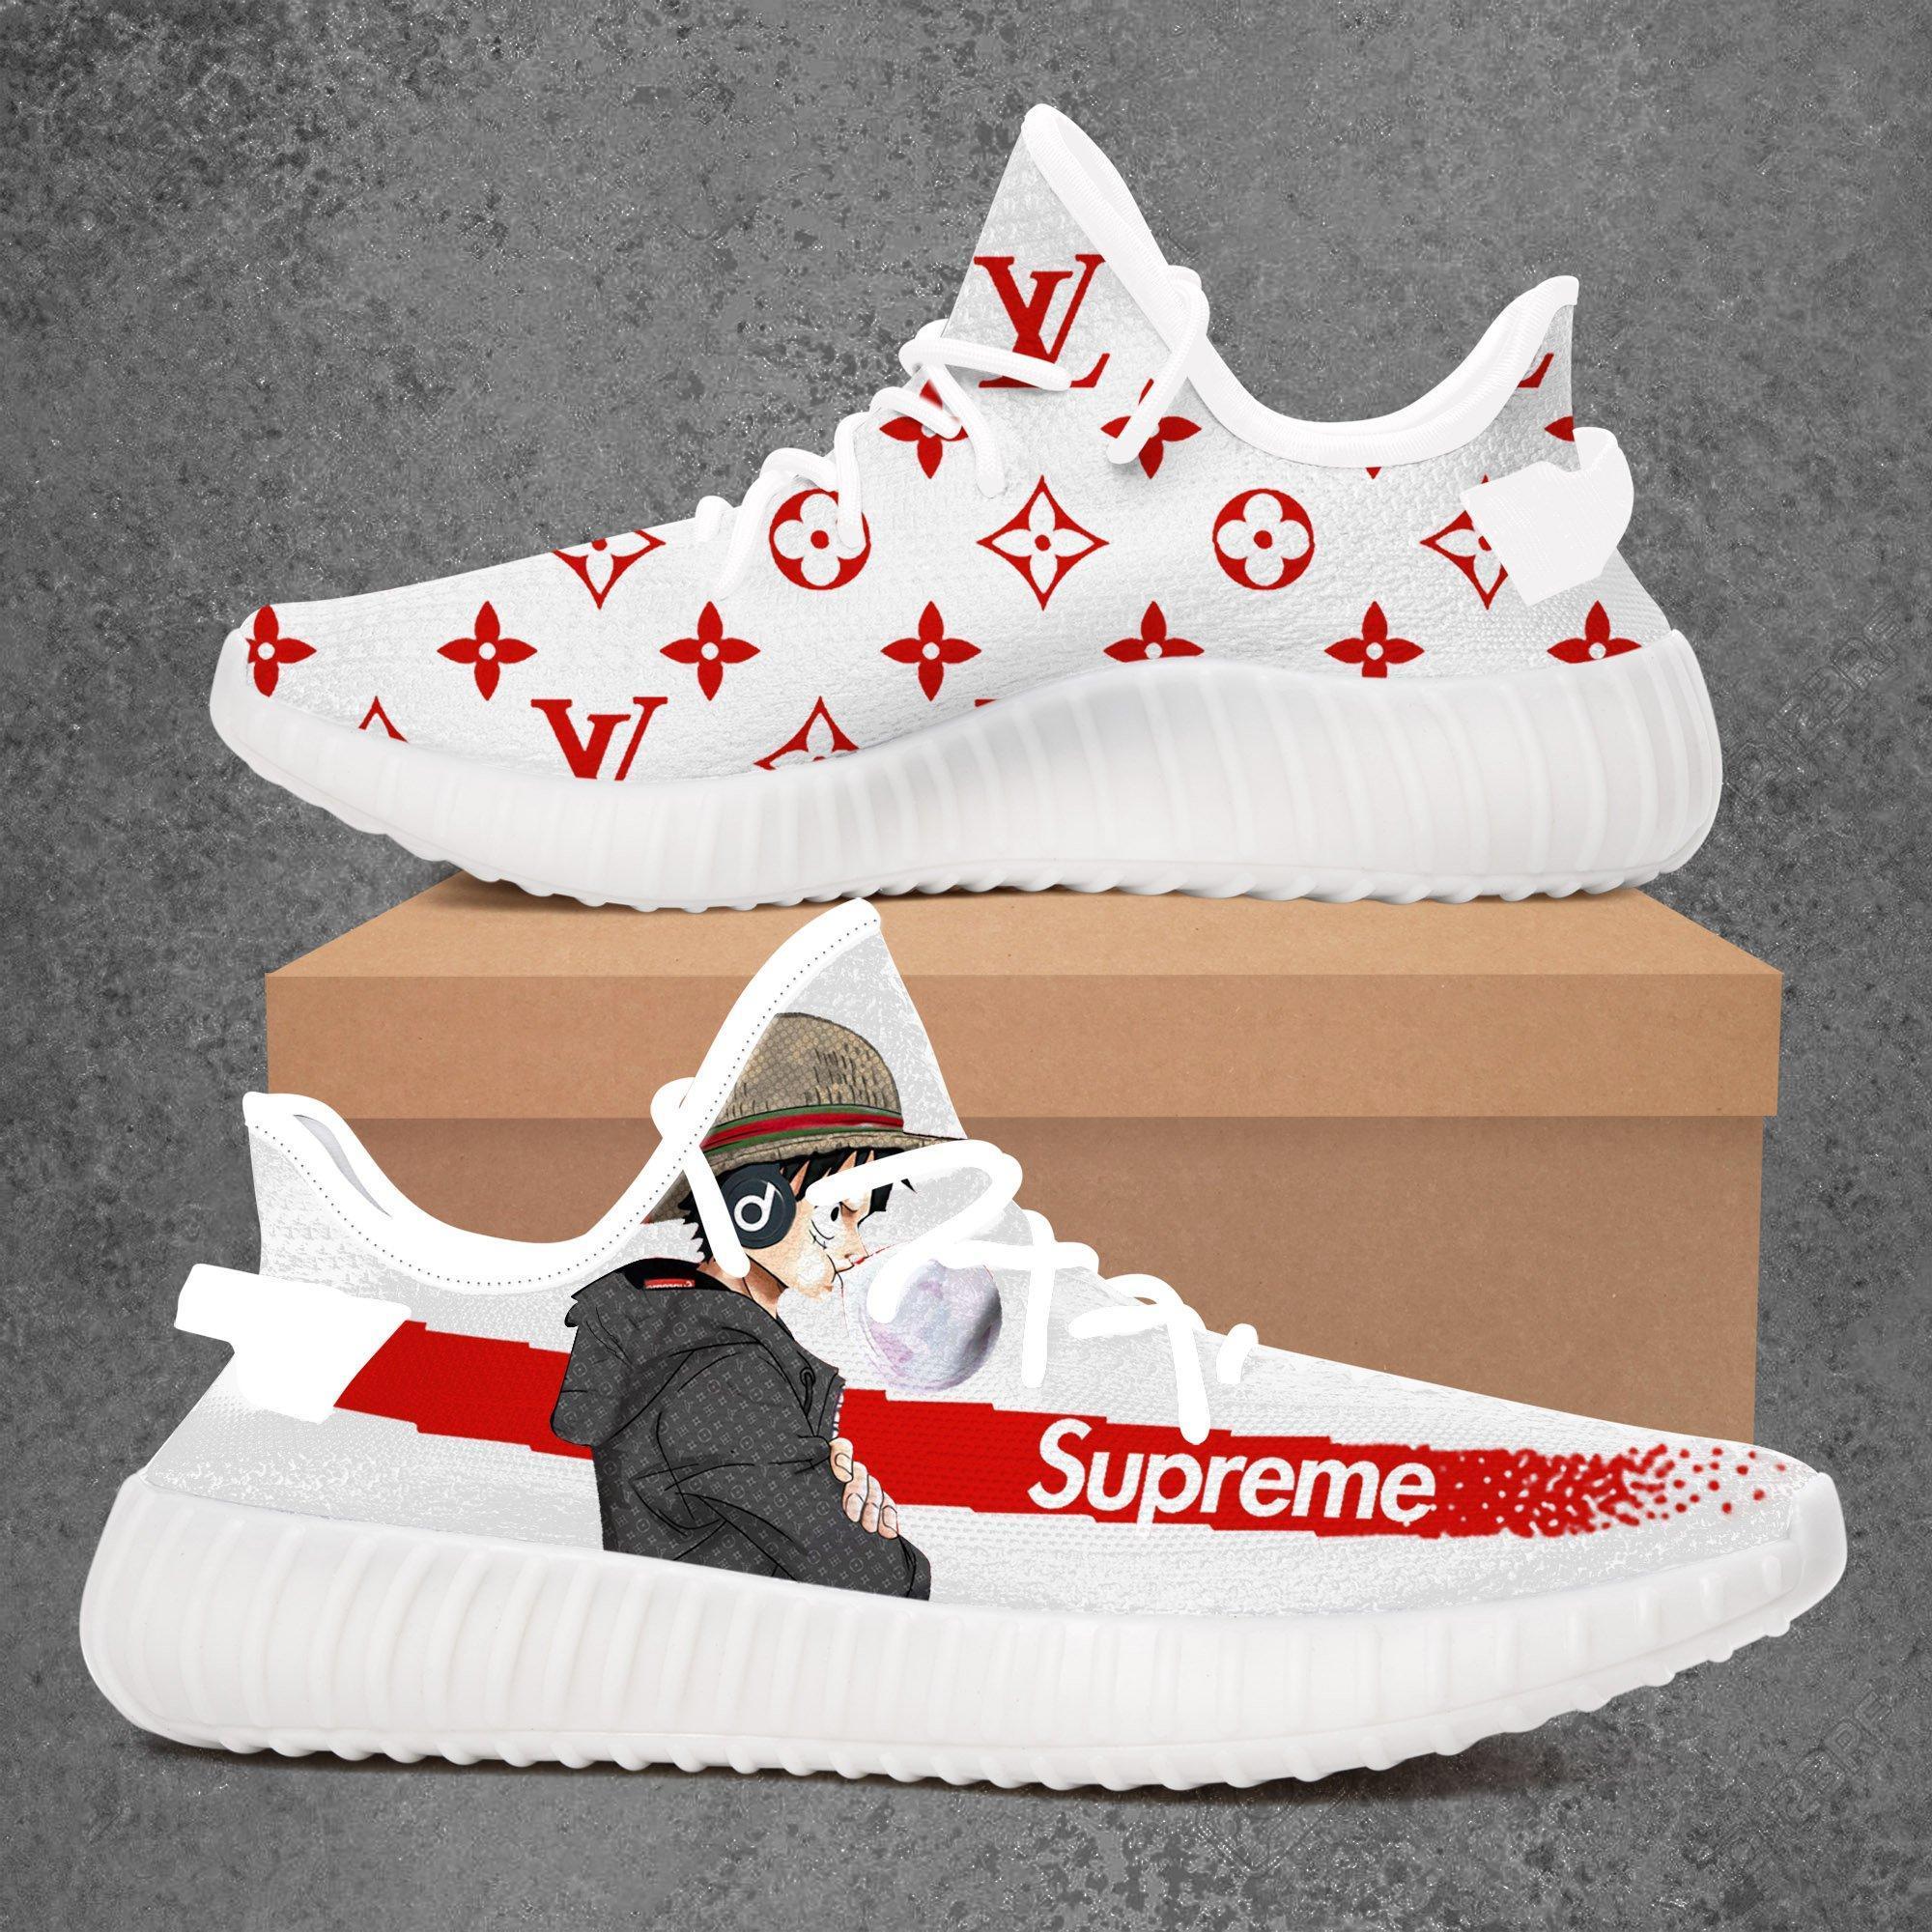 Adidas Yeezy 350 V2 x Supreme x LV